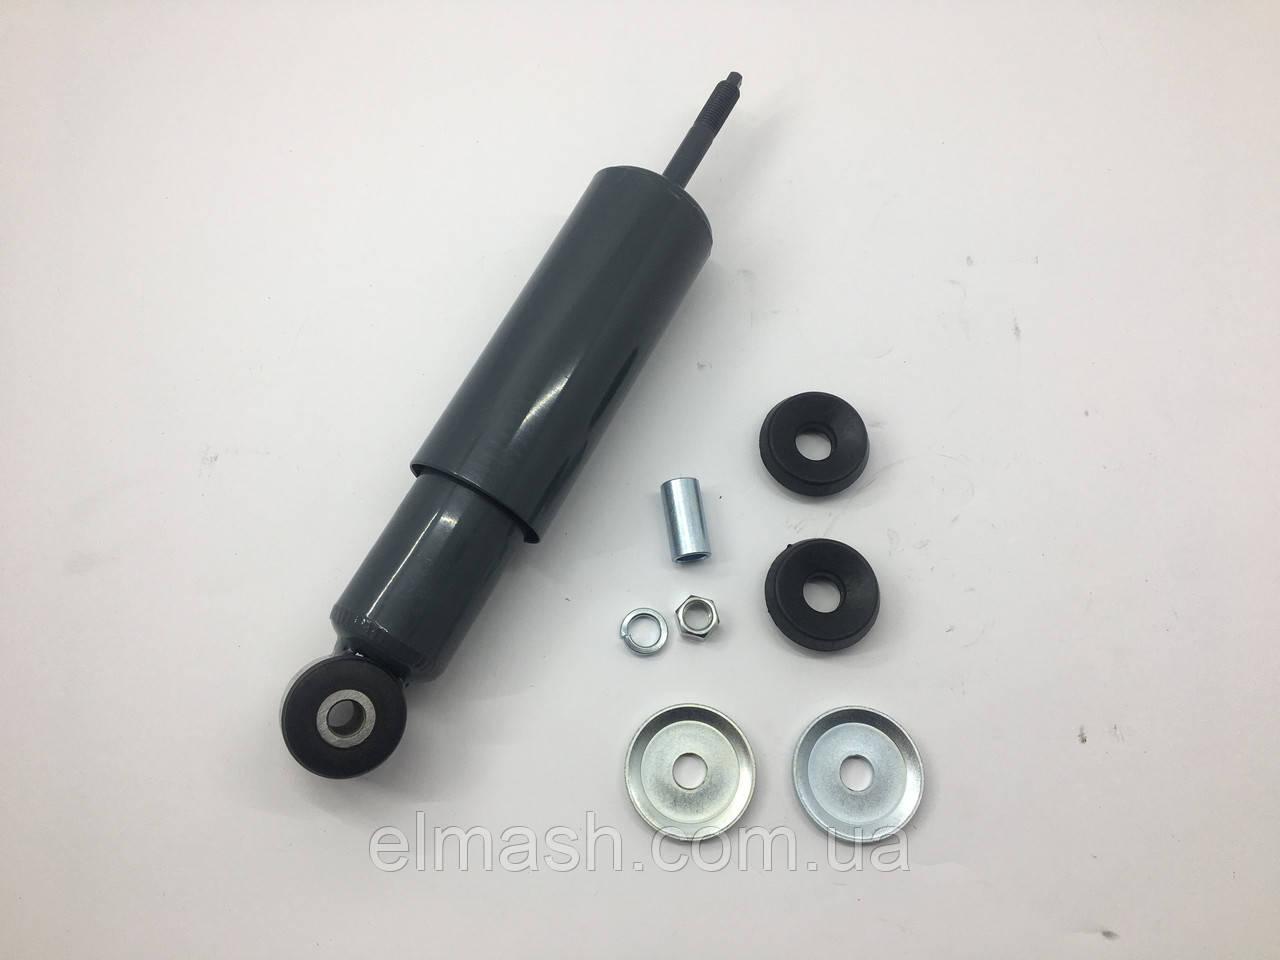 Амортизатор ВАЗ 2101-07 подвески передней масляный со втулкой <ДК>